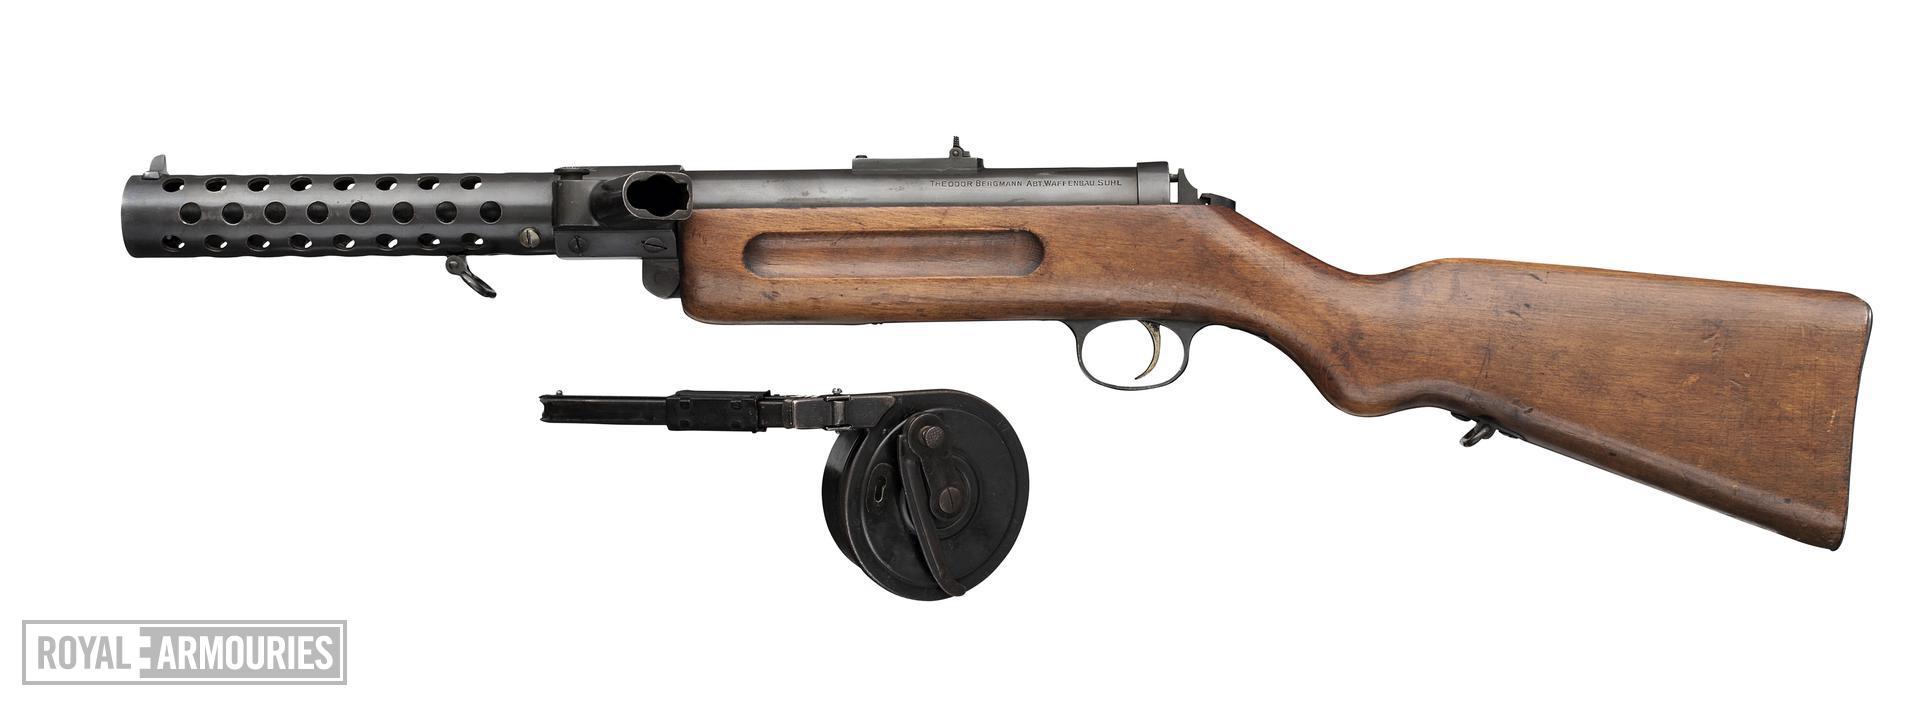 Bergmann MP18/1 submachine gun, German